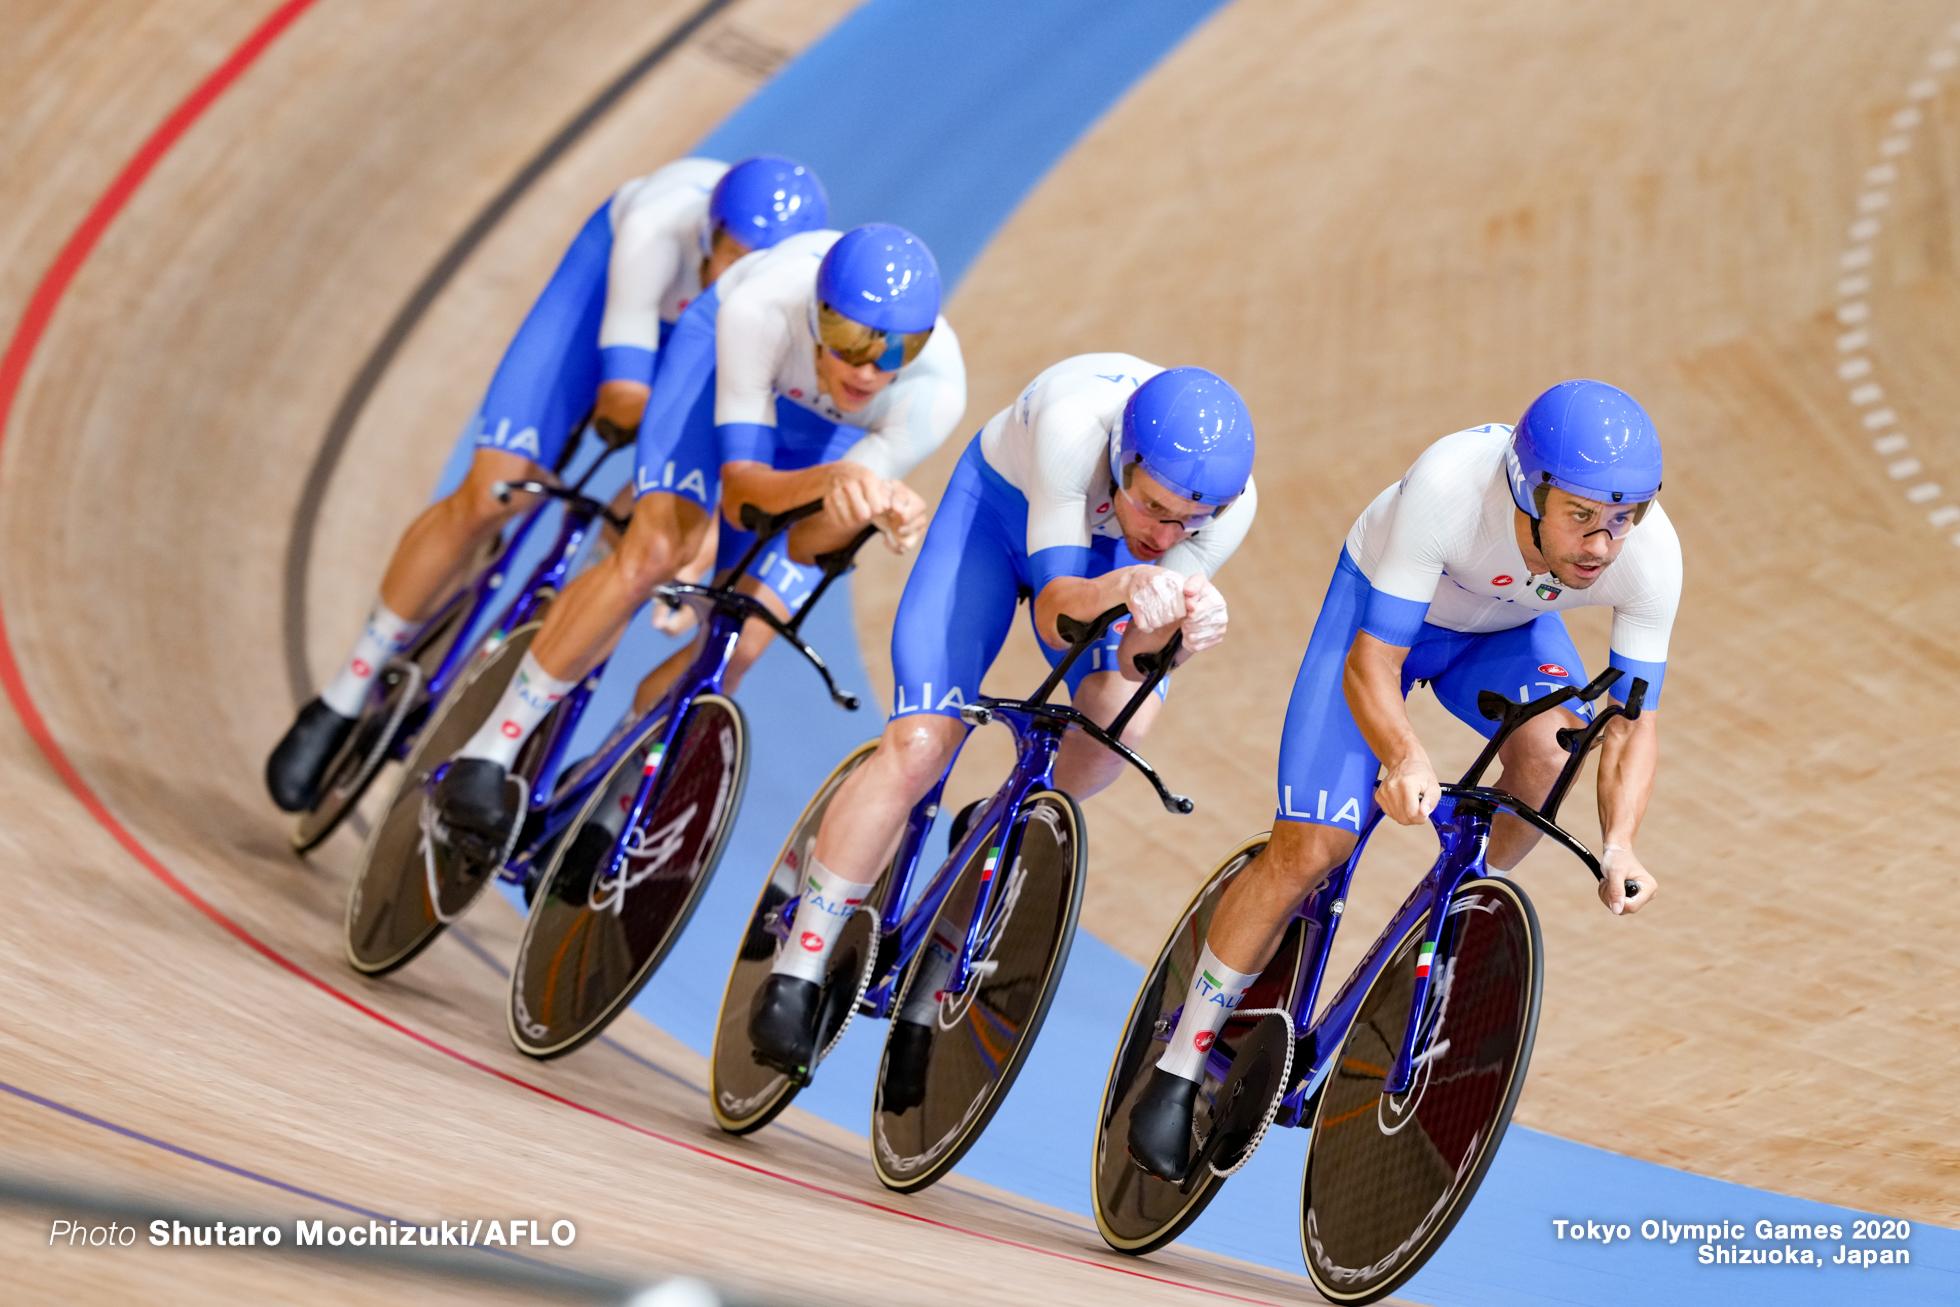 シモーネ・コンソーニ Simone Consonni (ITA), フィリポ・ガンナ Filippo Ganna (ITA), フランチェスコ・ラモーン Francesco Lamon (ITA), ジョナタン・ミラン Jonathan Milan (ITA), Men's Team Pursuit Final AUGUST 4, 2021 - Cycling : during the Tokyo 2020 Olympic Games at the Izu Velodrome in Shizuoka, Japan. (Photo by Shutaro Mochizuki/AFLO)